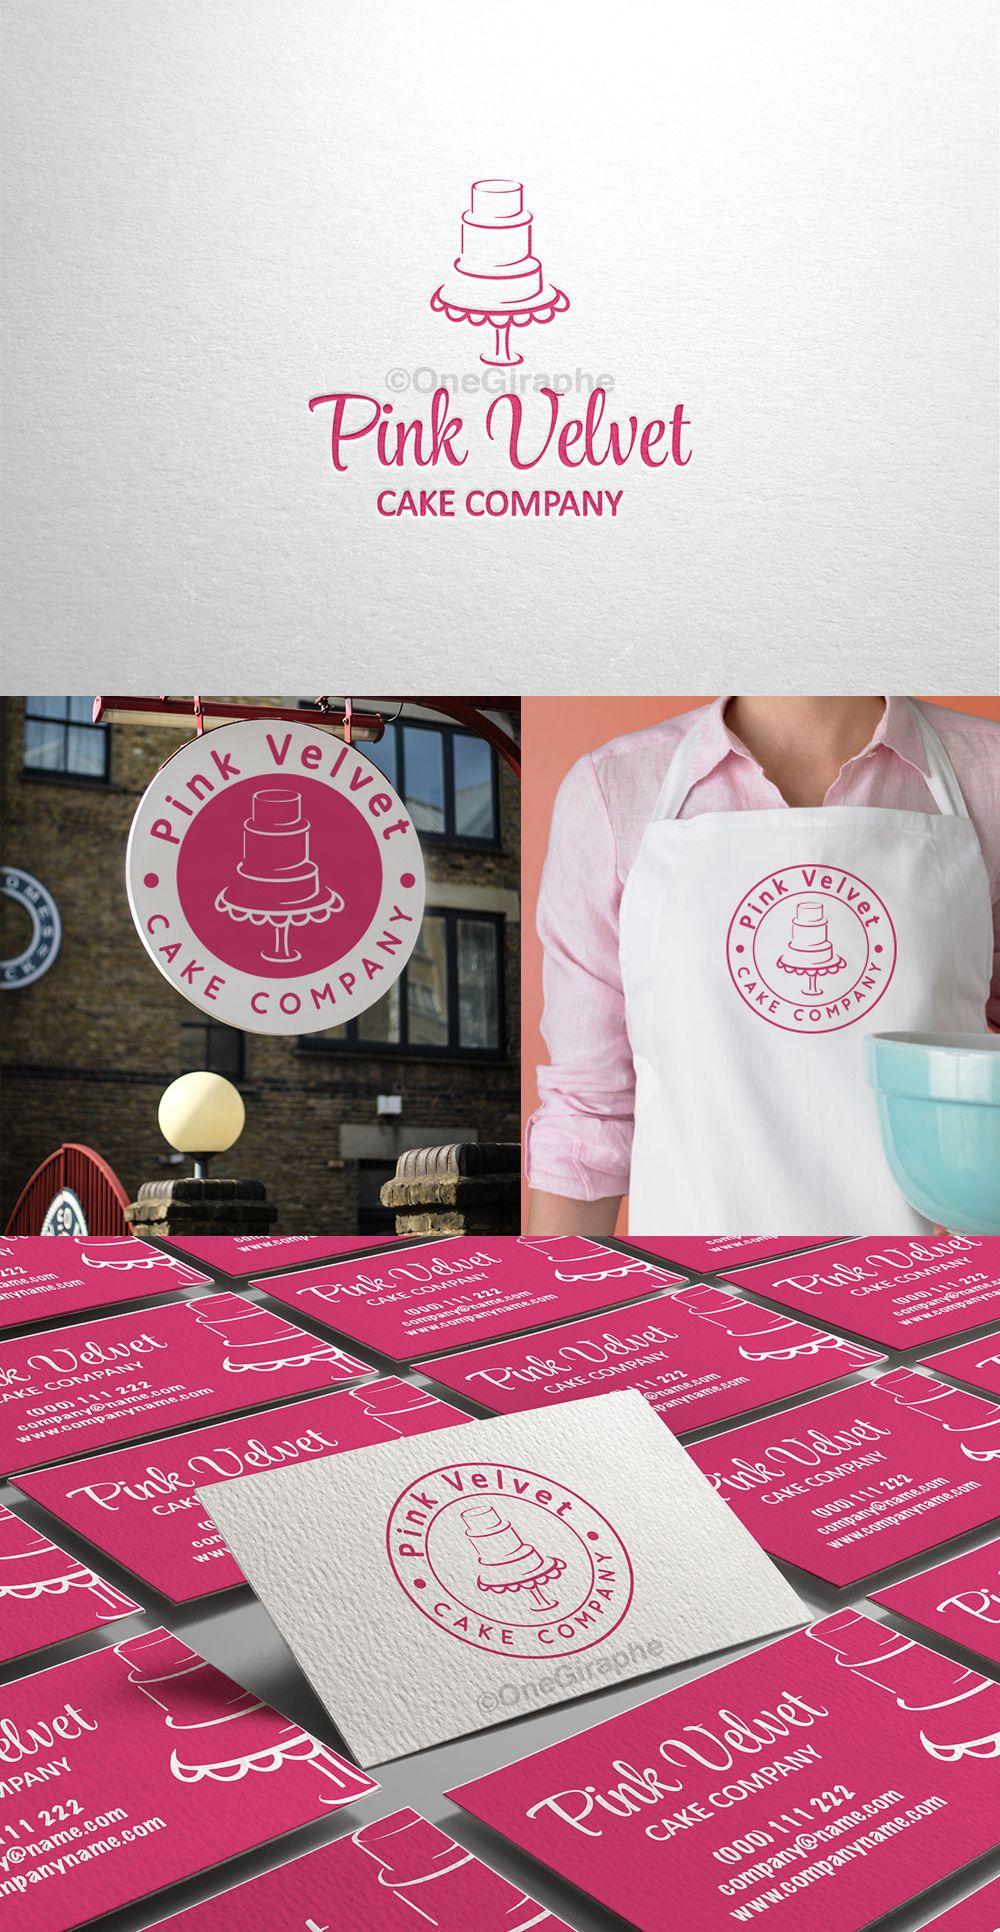 brandidentity logo logodesign bakery cake cupcake pink pink